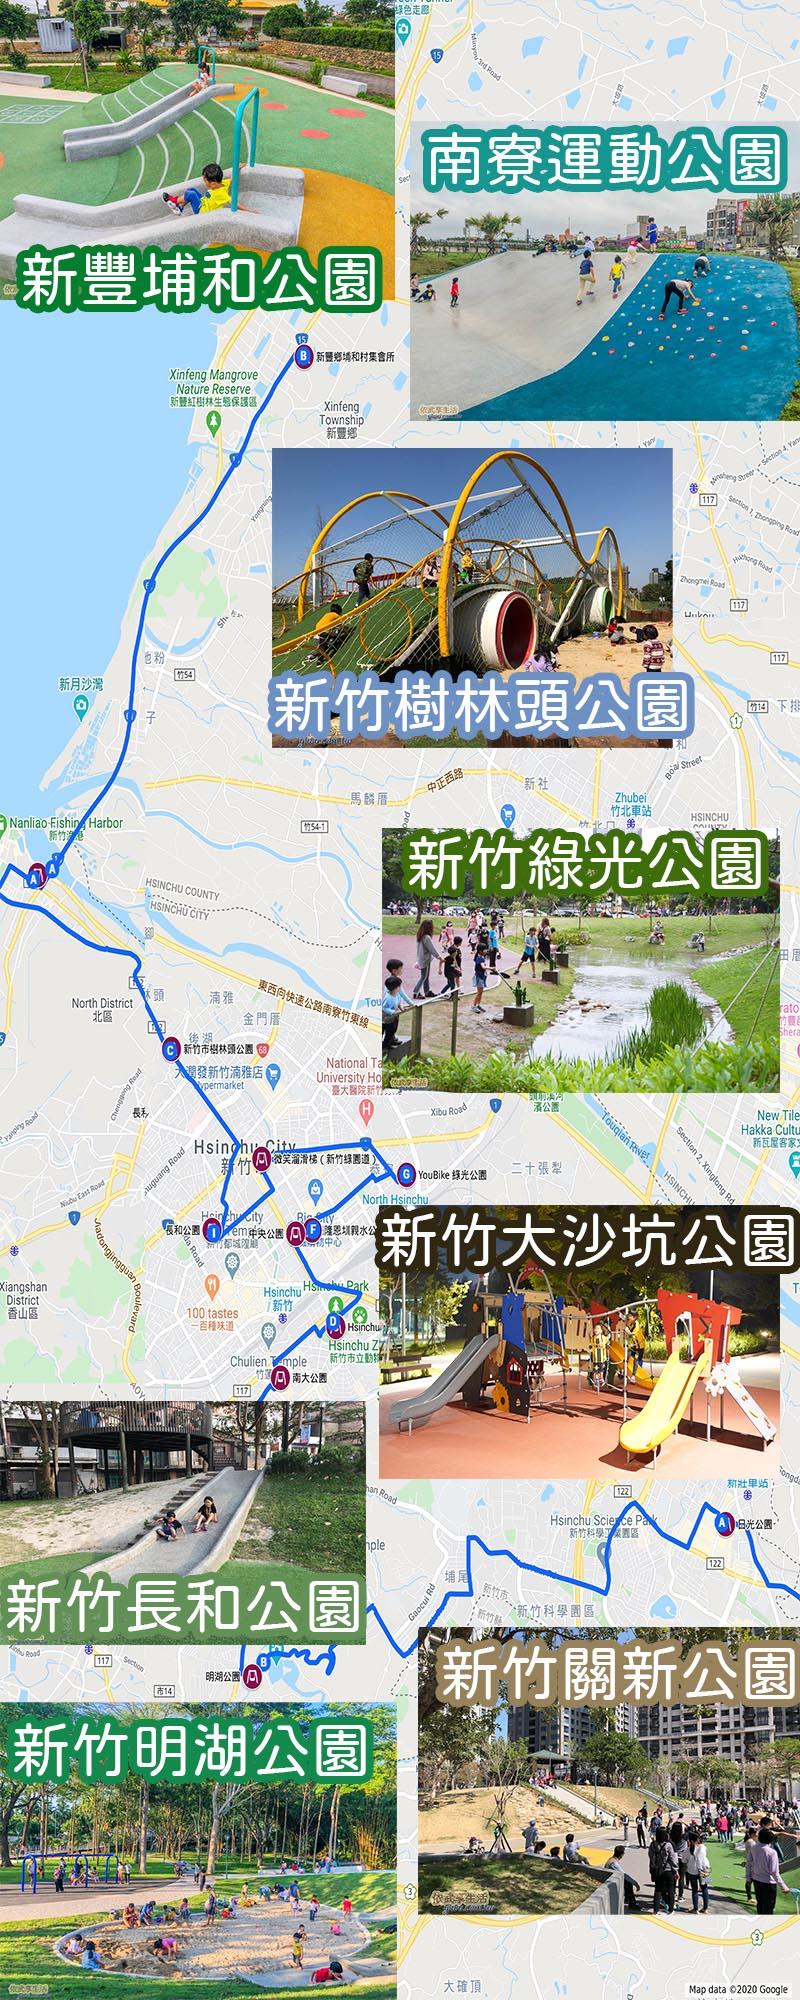 新竹特色公園地圖背景